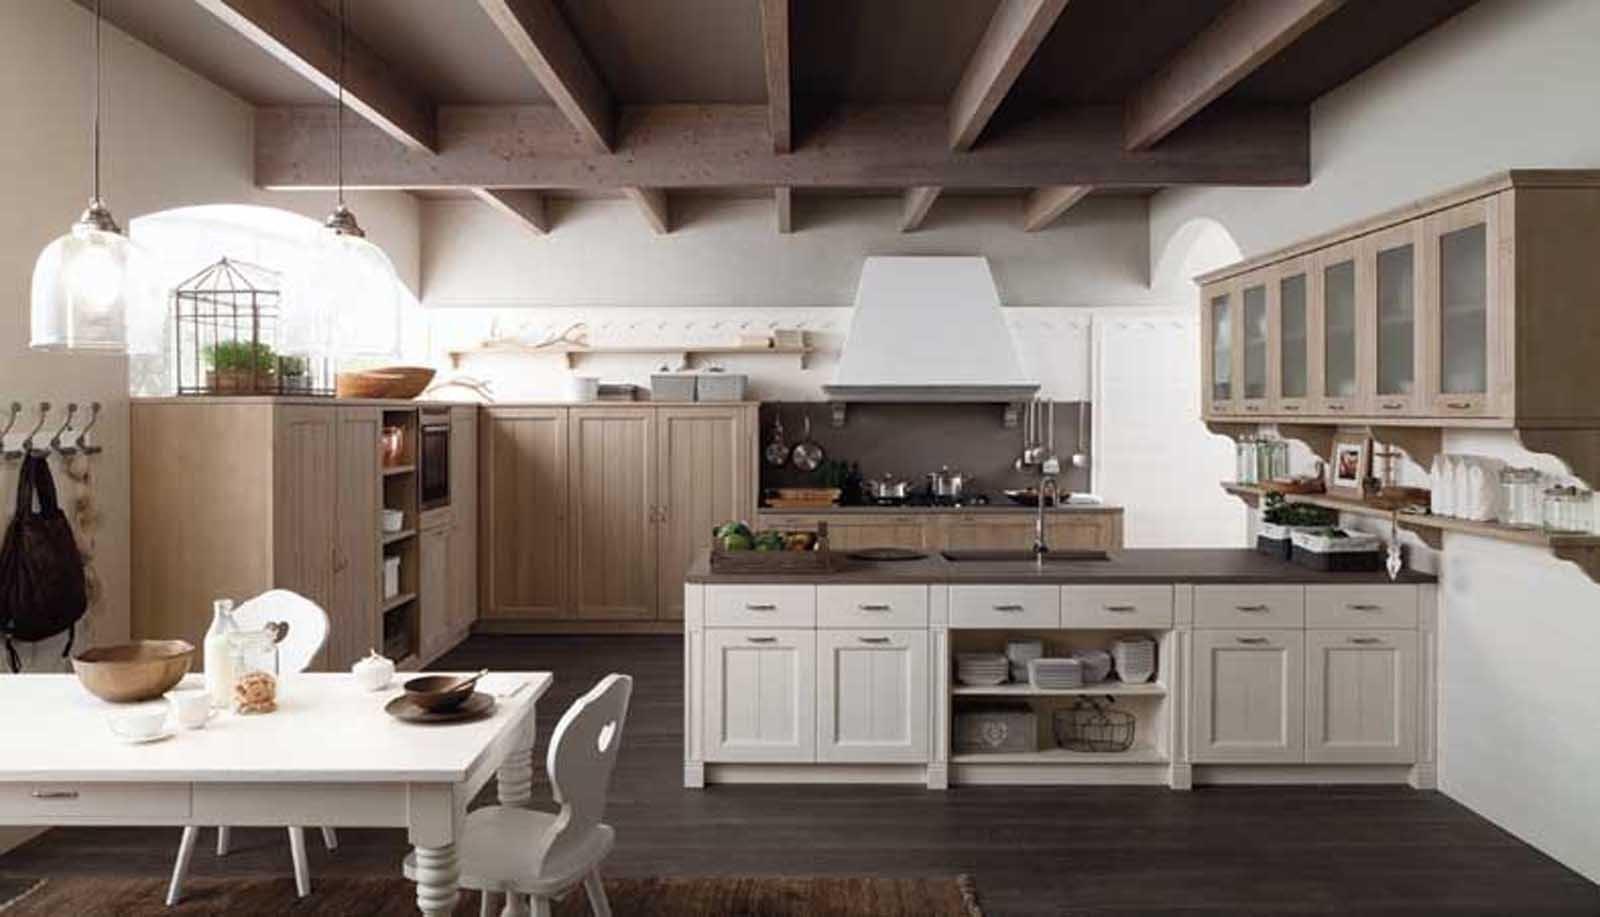 Cucine country una scelta di stile cose di casa for Arredamento cucina country